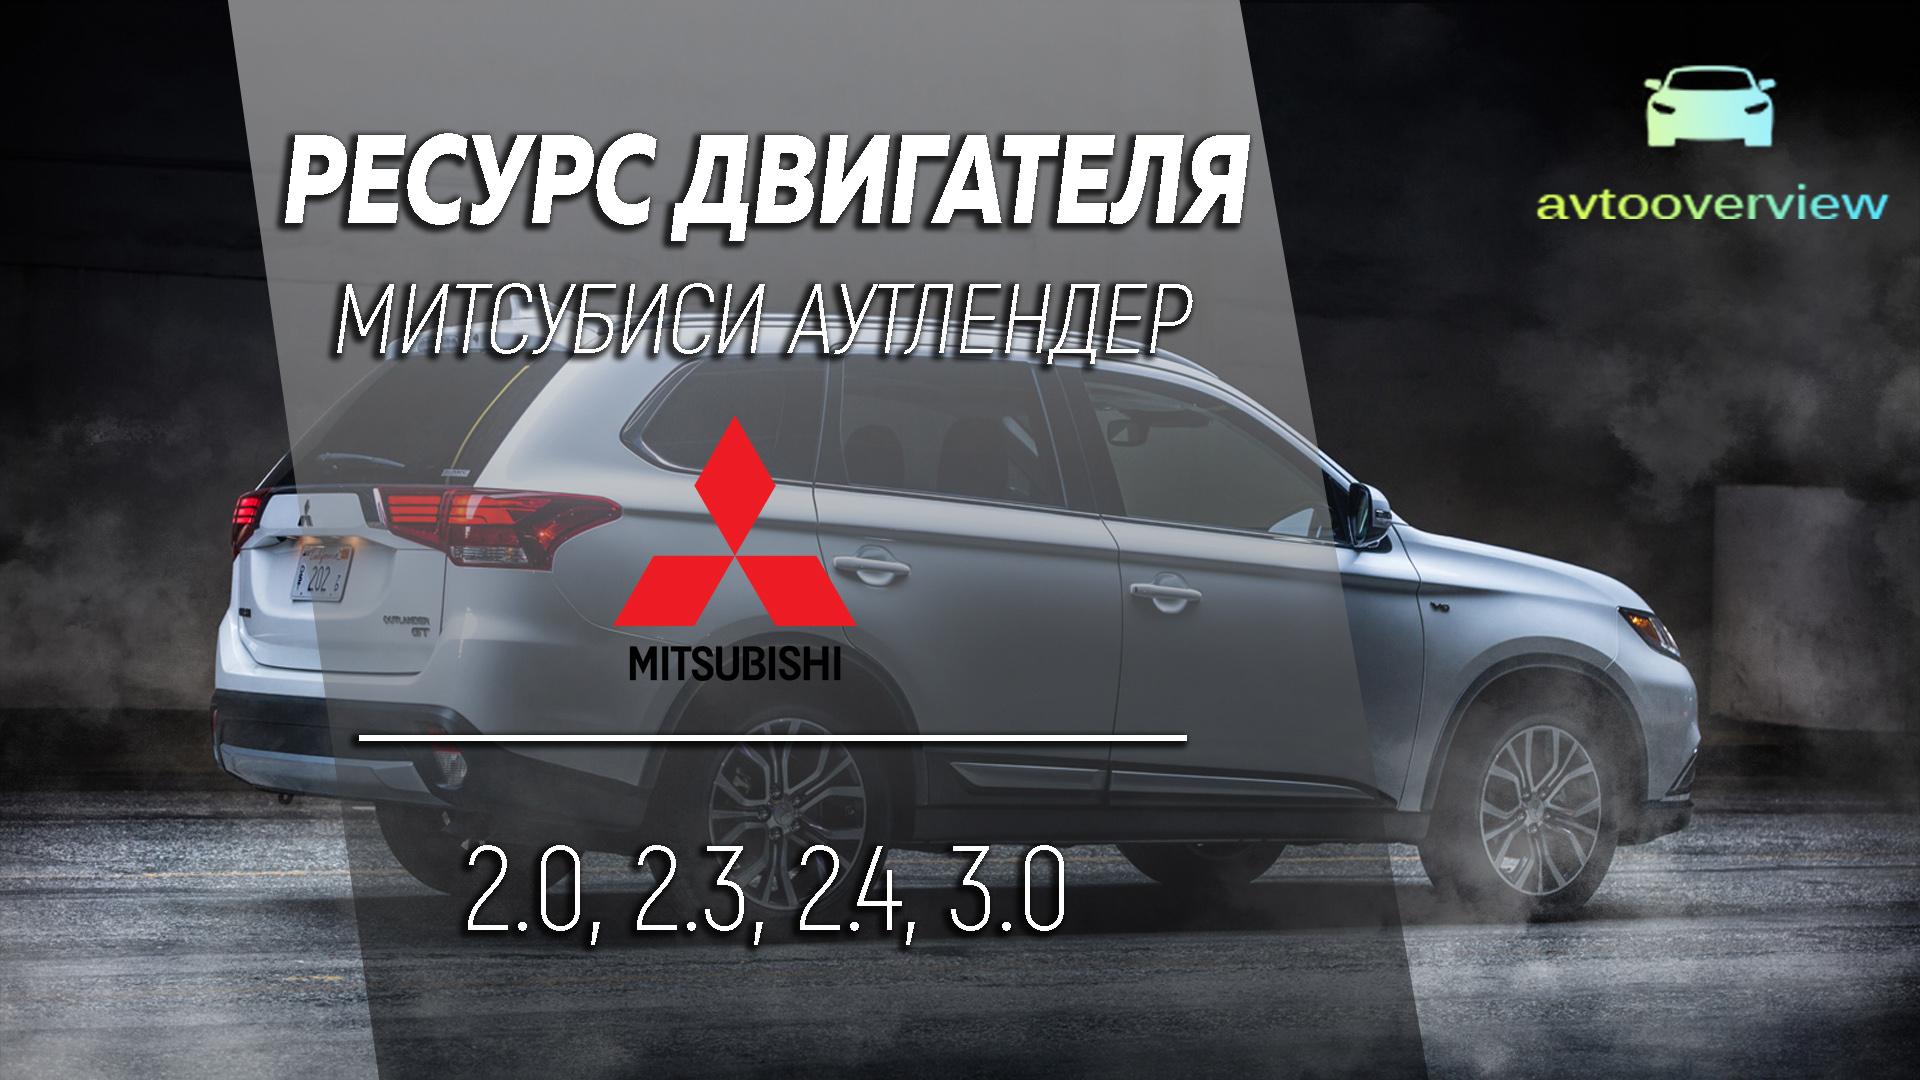 Ресурс двигателя Митсубиси Аутлендер 2.0, 2.3, 2.4, 3.0